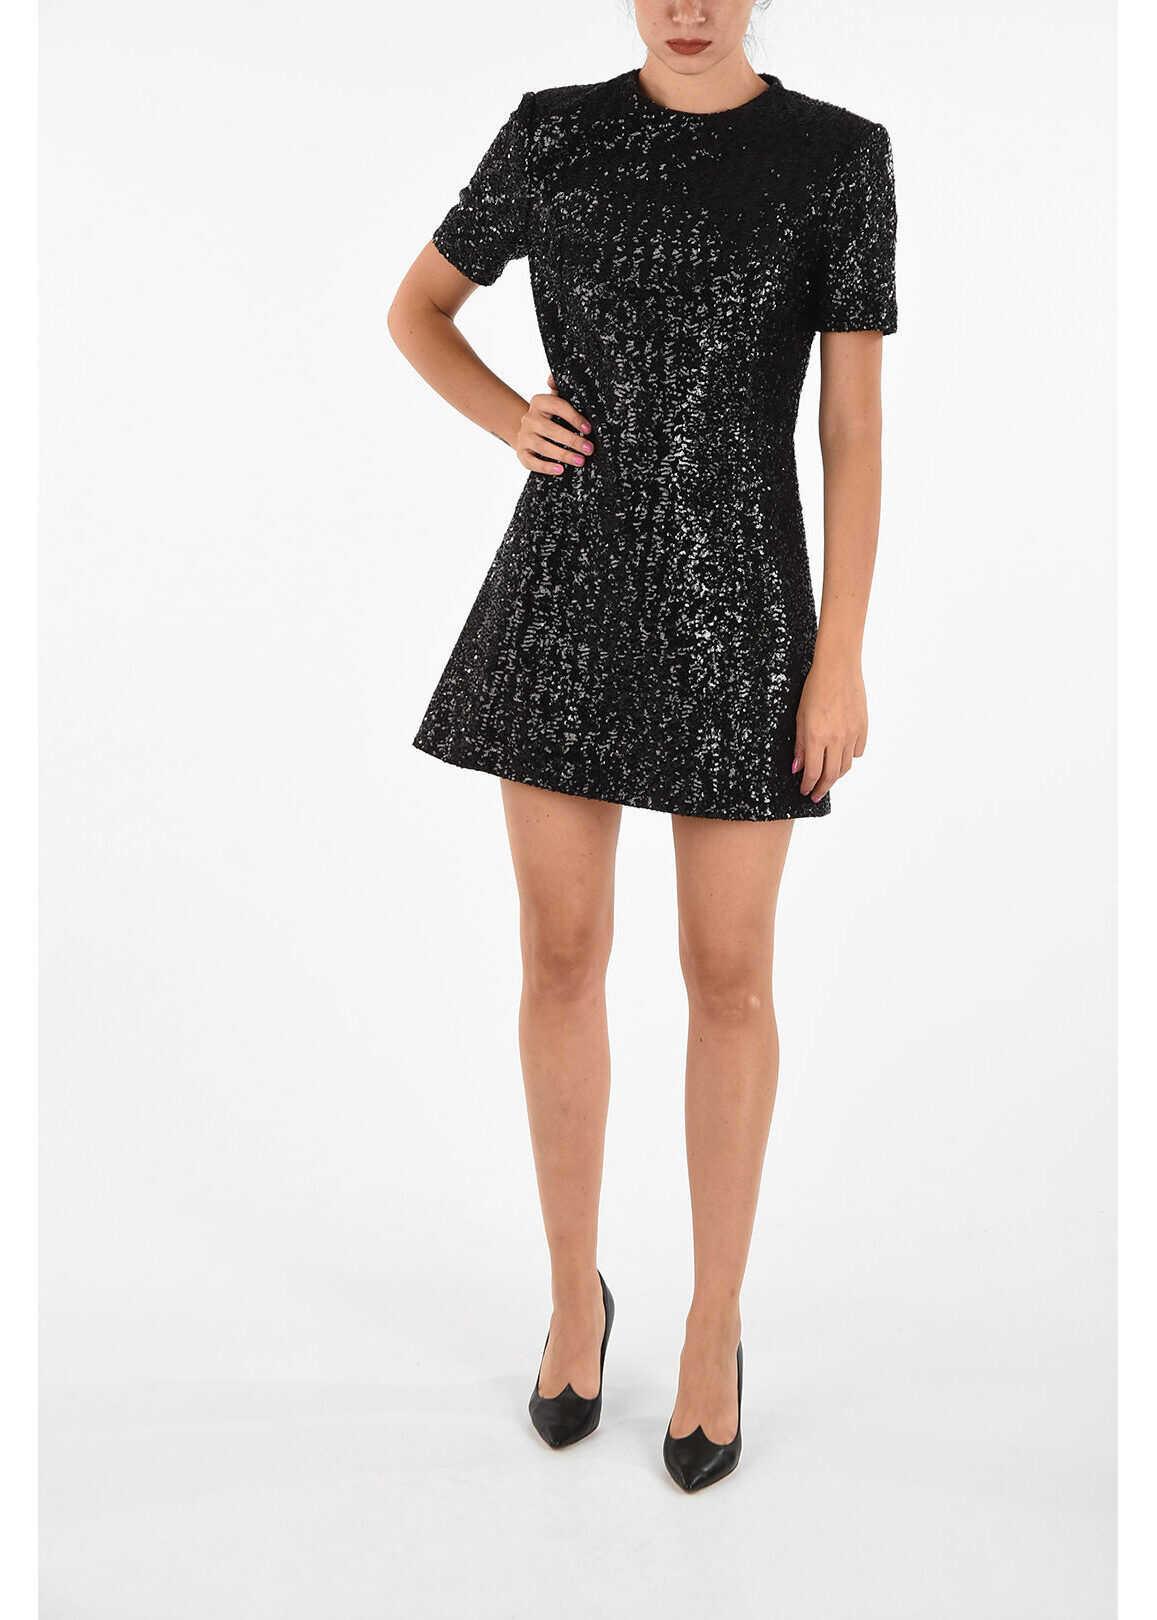 Saint Laurent Sequined Shirt Dress BLACK